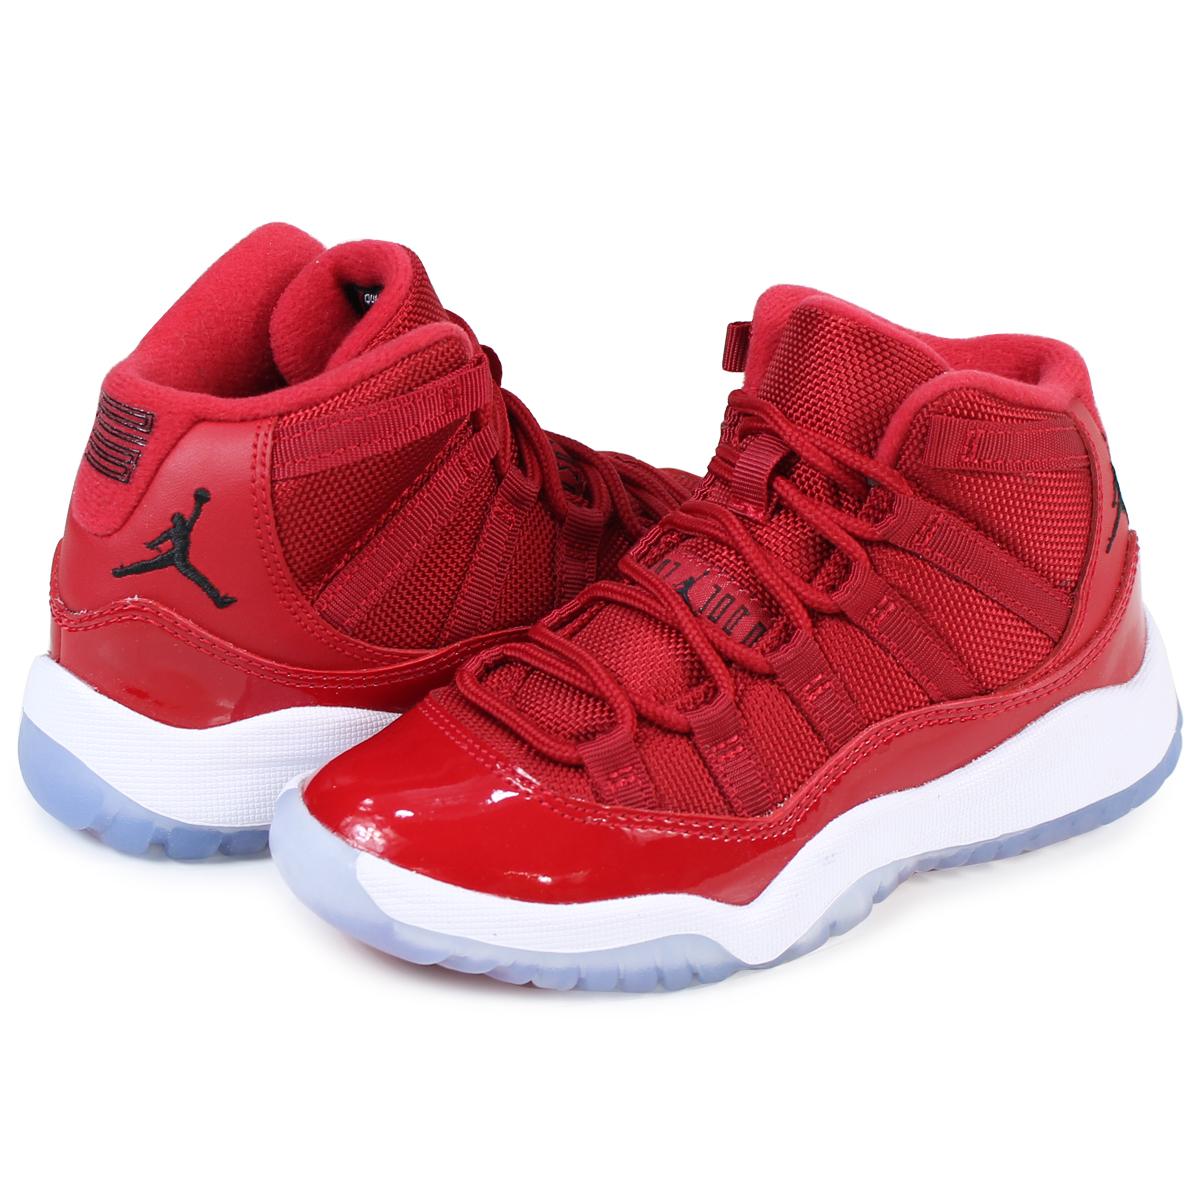 NIKE AIR JORDAN 11 BP WIN LIKE 96 Nike Air Jordan 11 kids sneakers  378,039-623 shoes red [12/22 Shinnyu load]